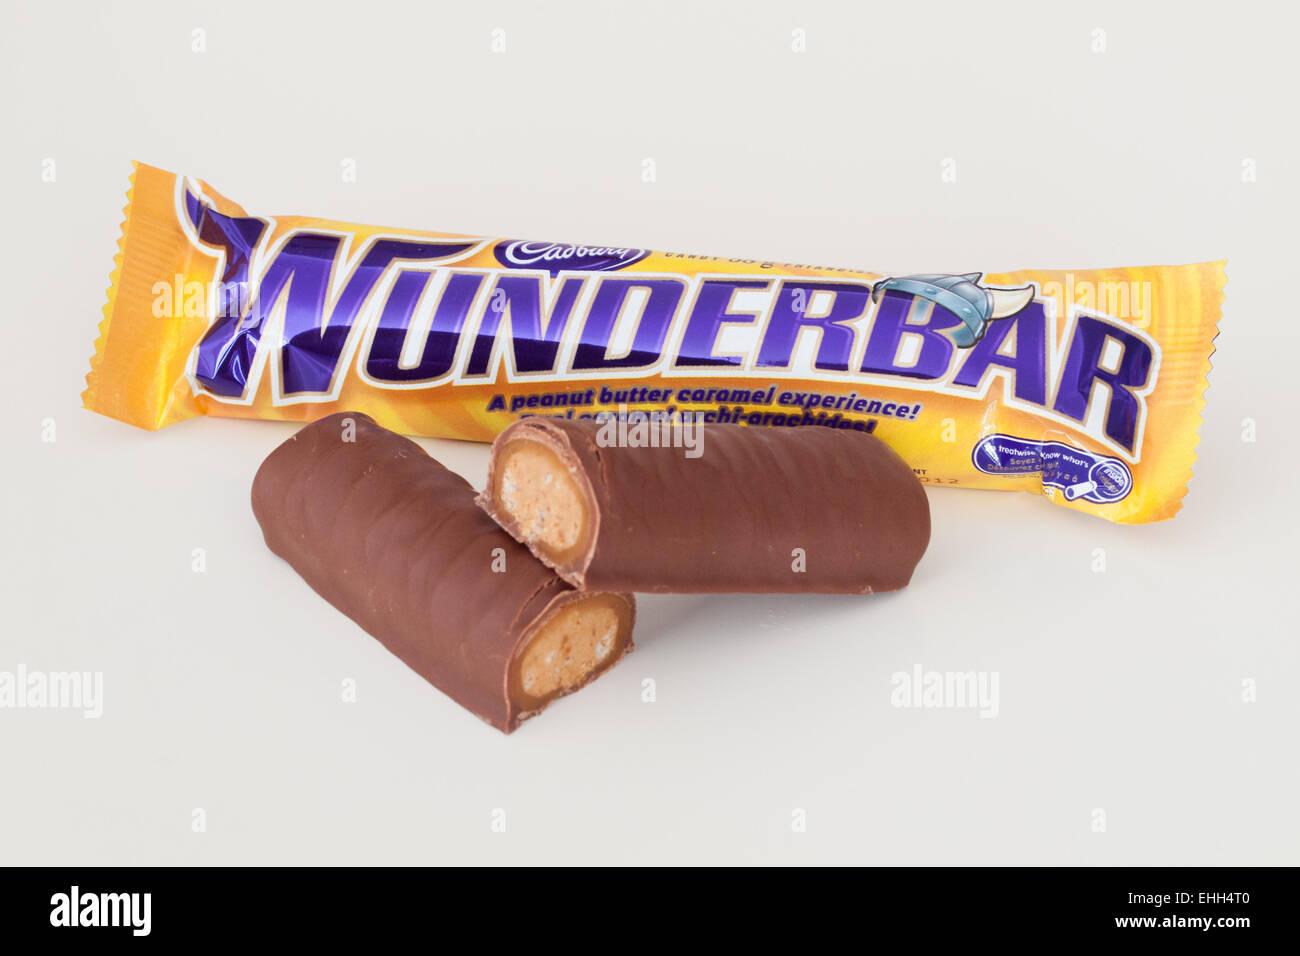 Wunderbar Chocolate Bar Canada